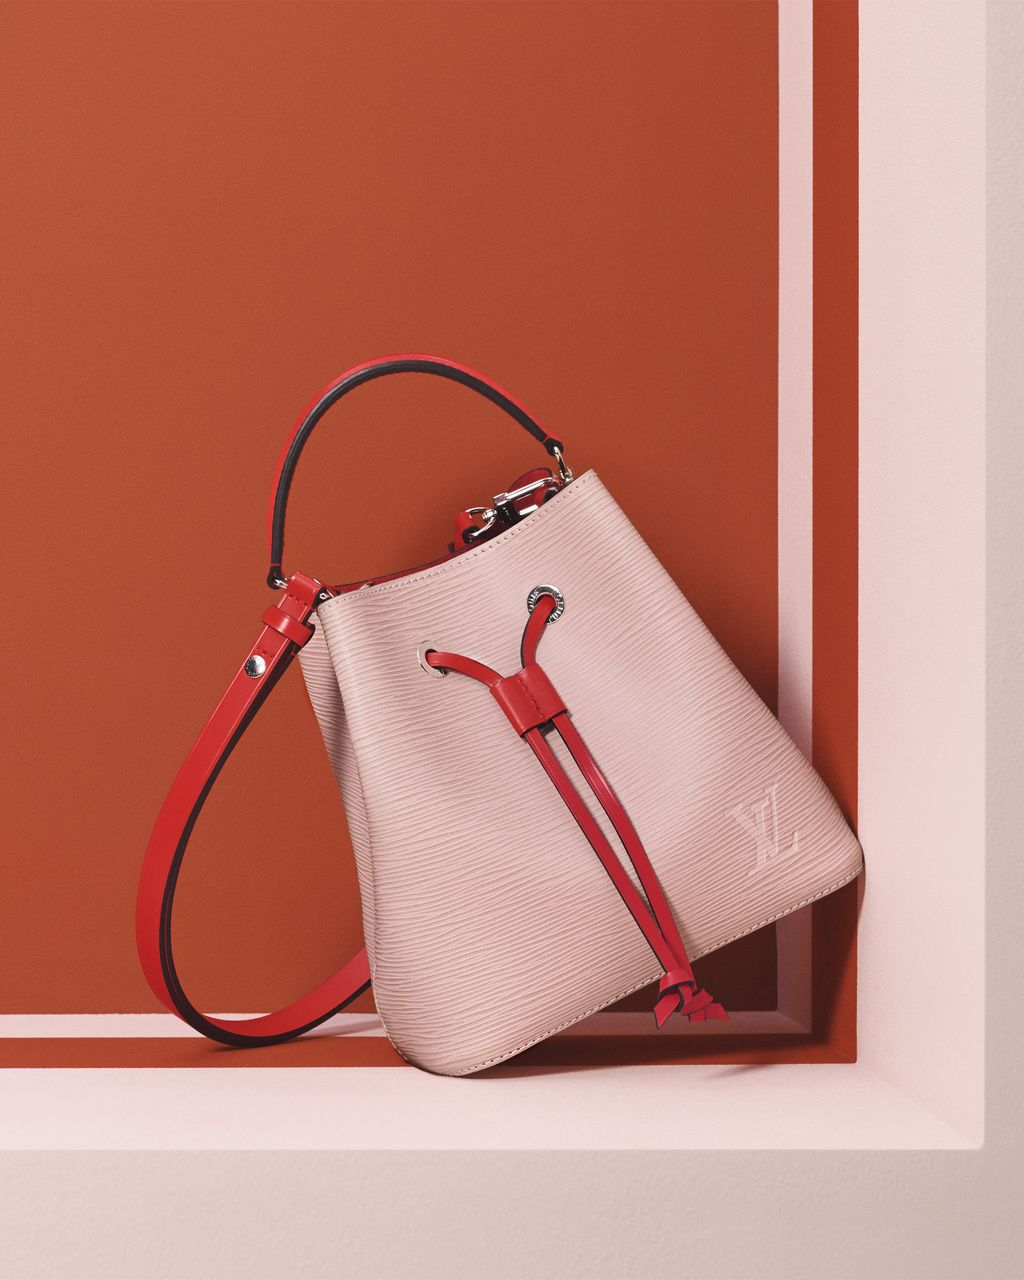 9a8d916d3b7f Louis Vuitton NeoNoe BB Epi leather bag